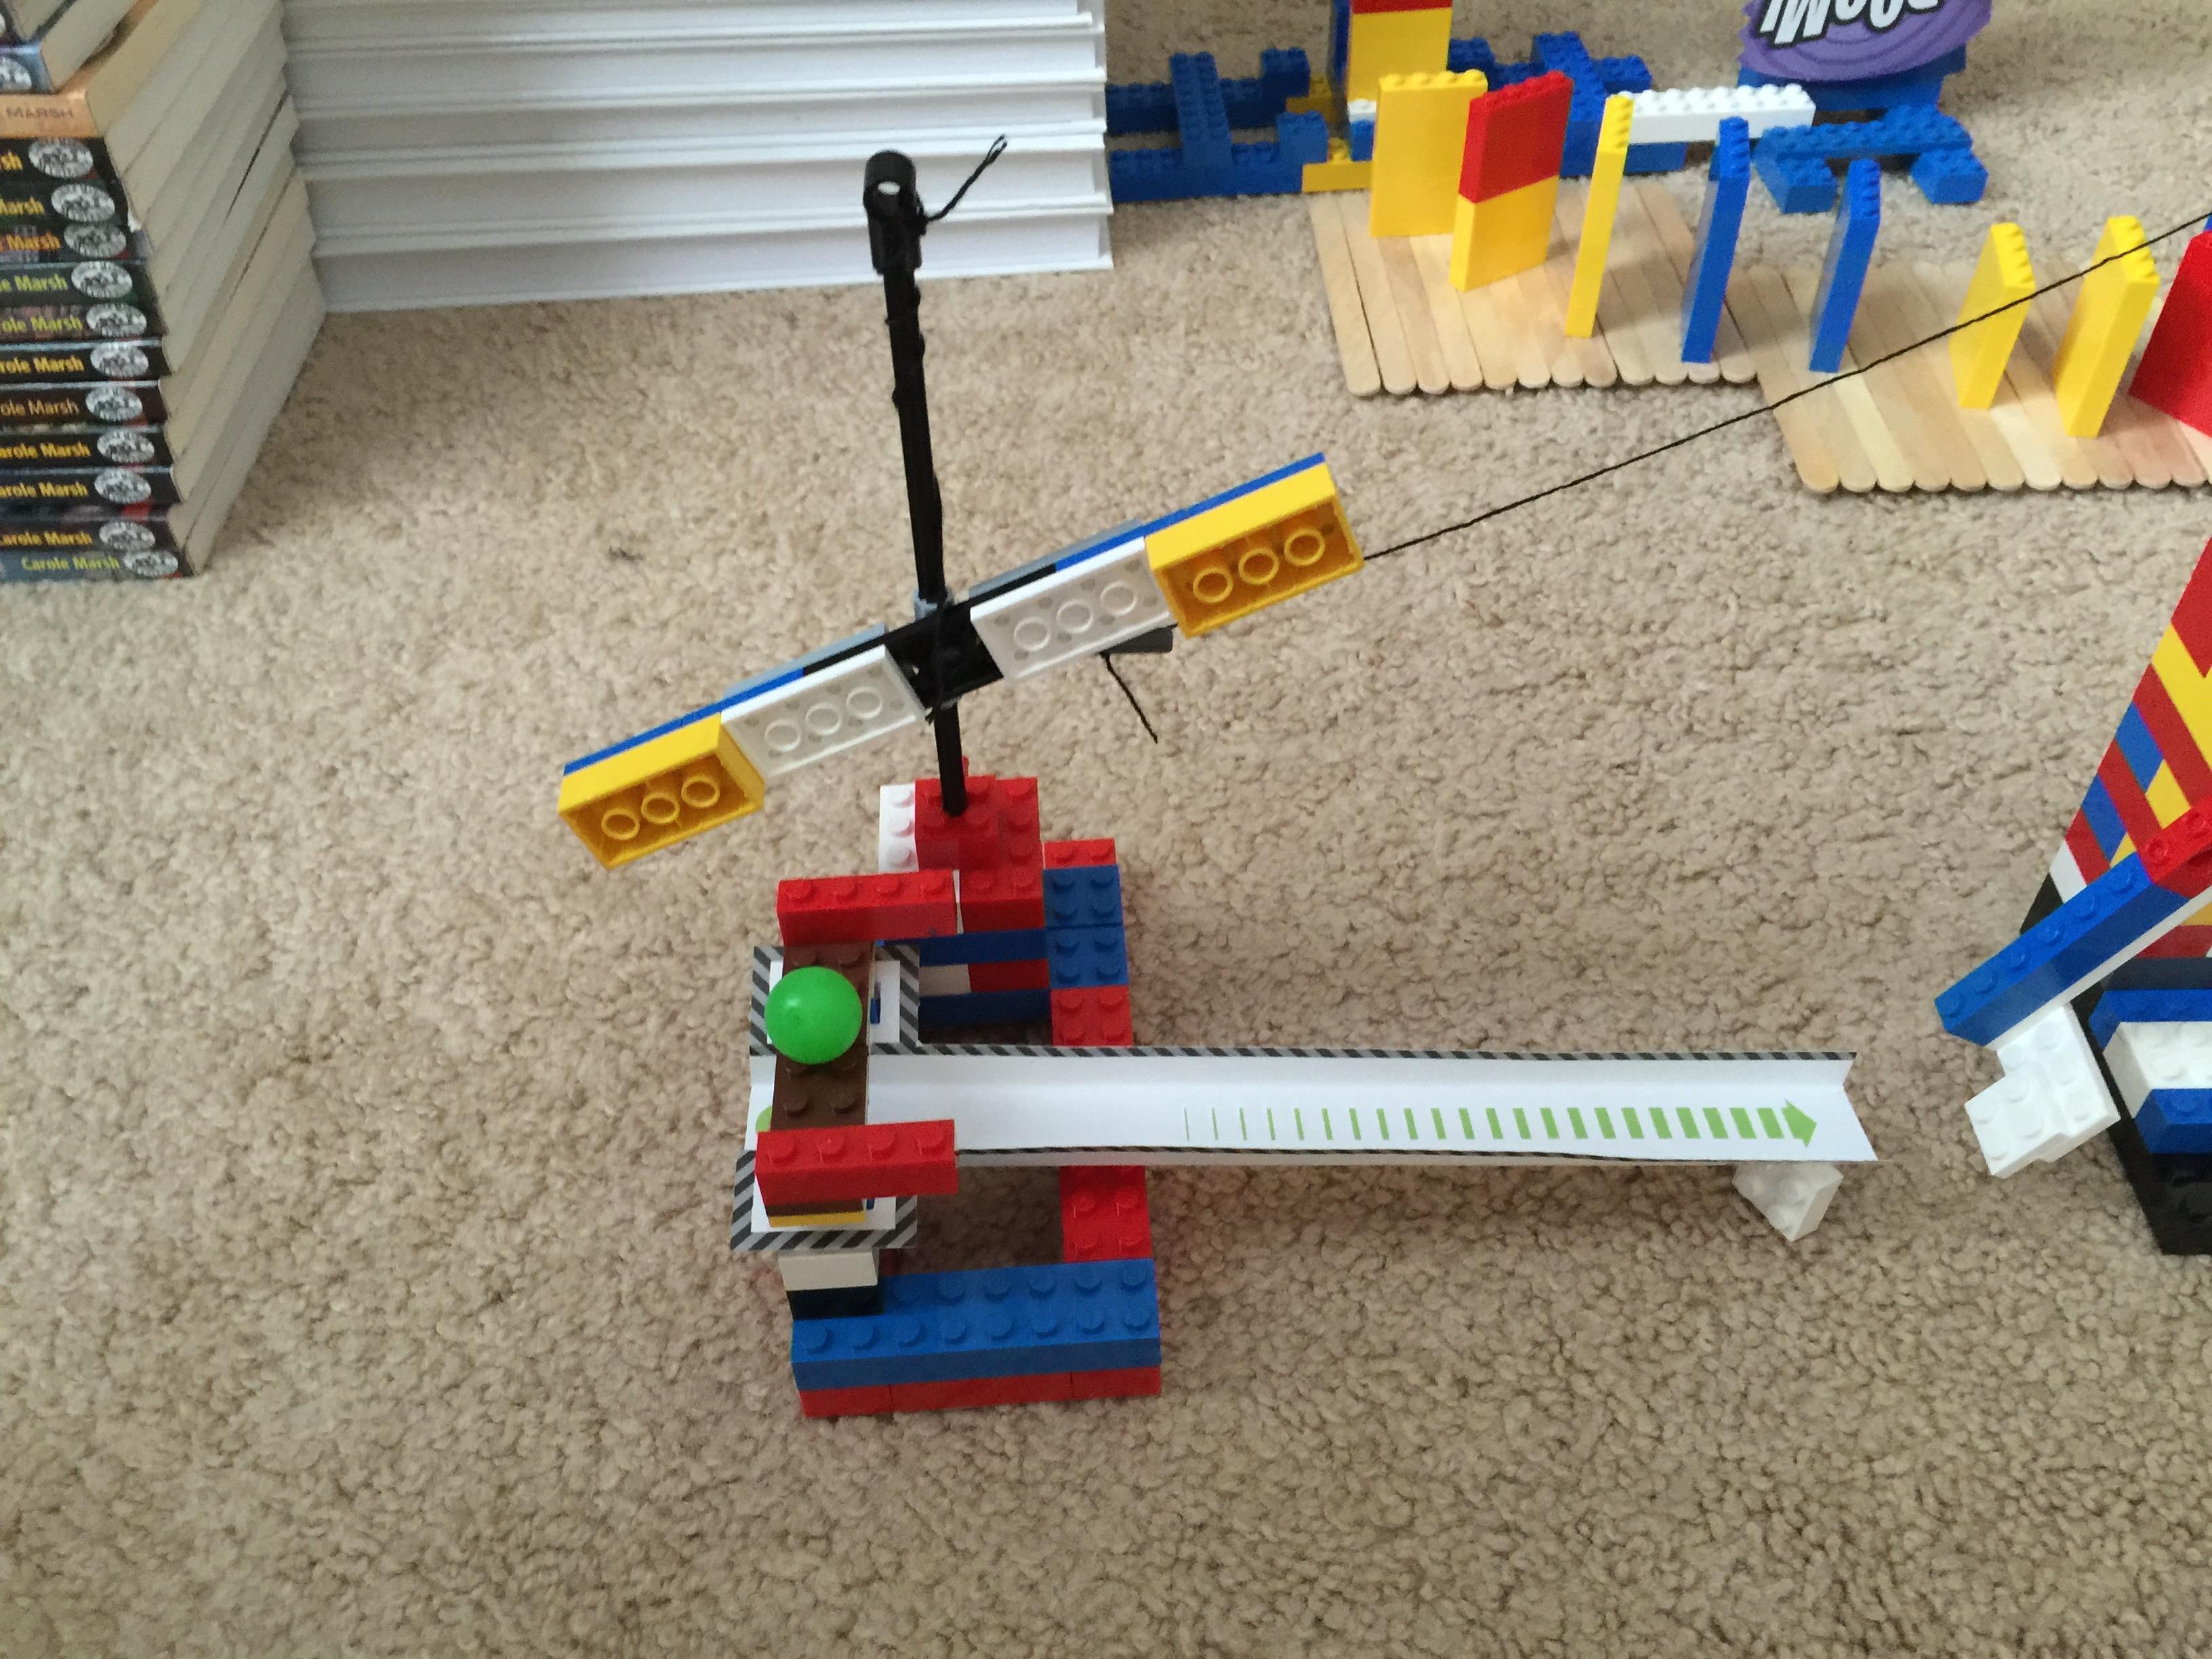 Lego rube goldberg diy for Lego diy